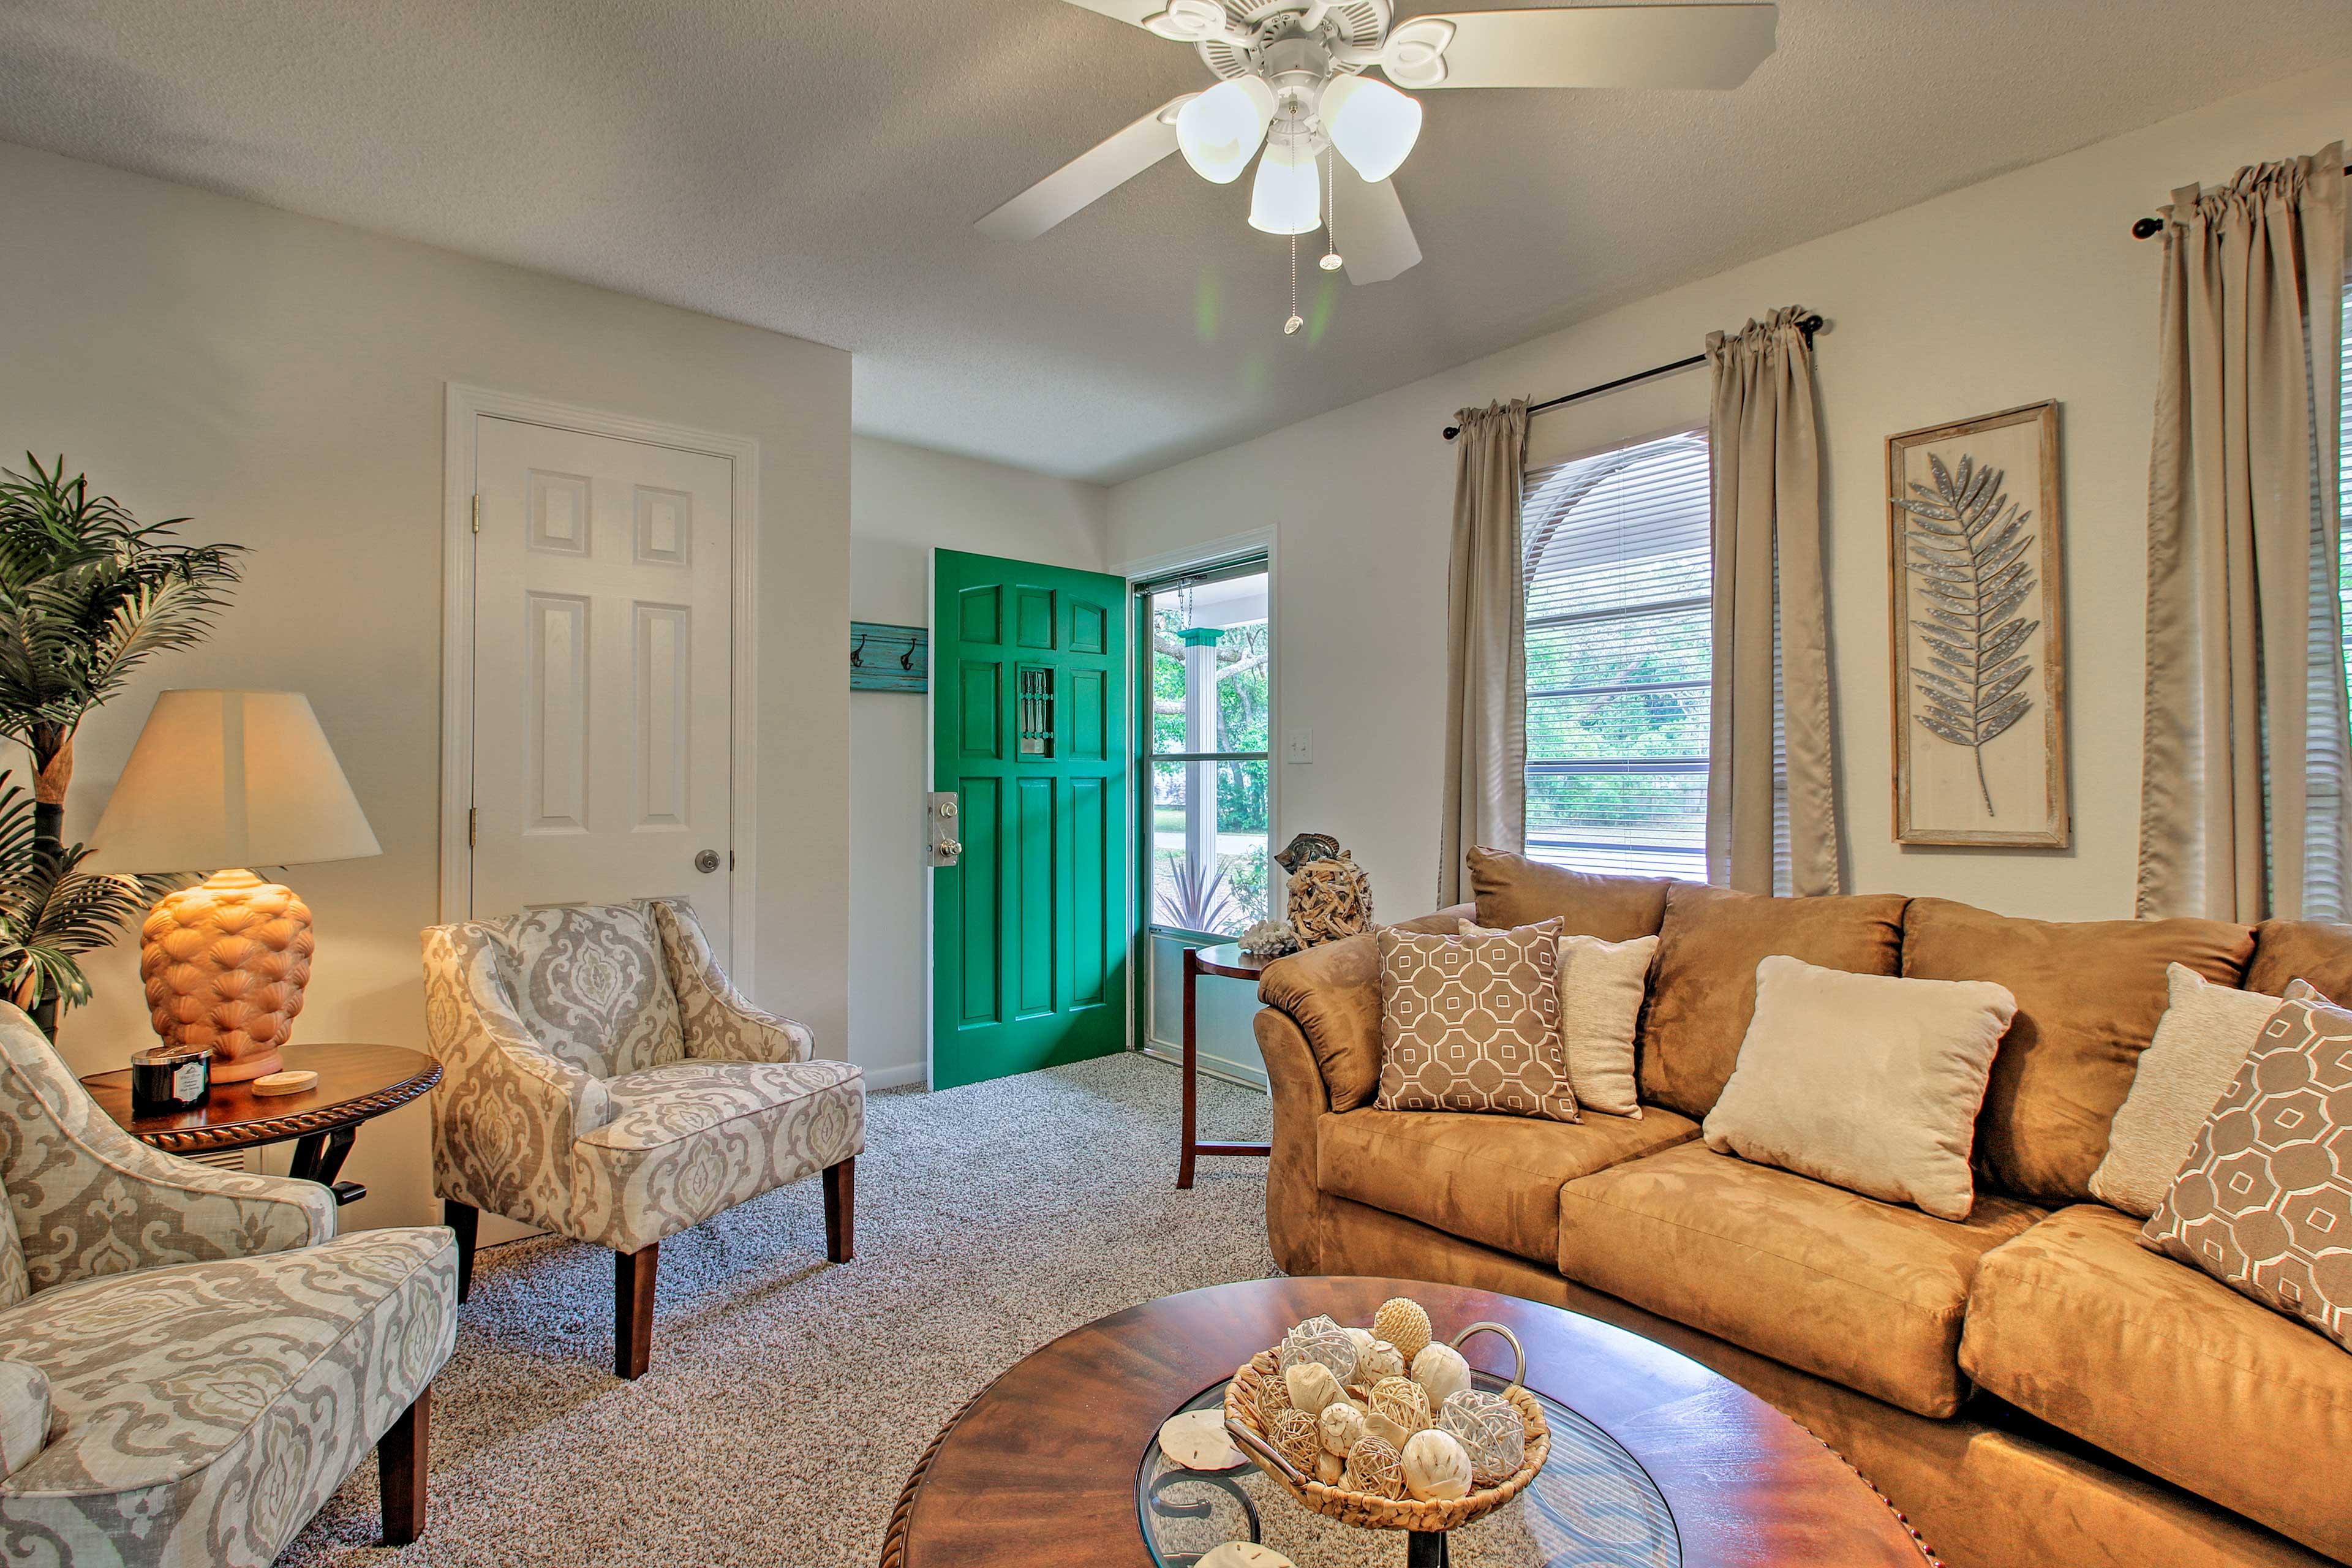 The spacious interior is elegant-yet-cozy.